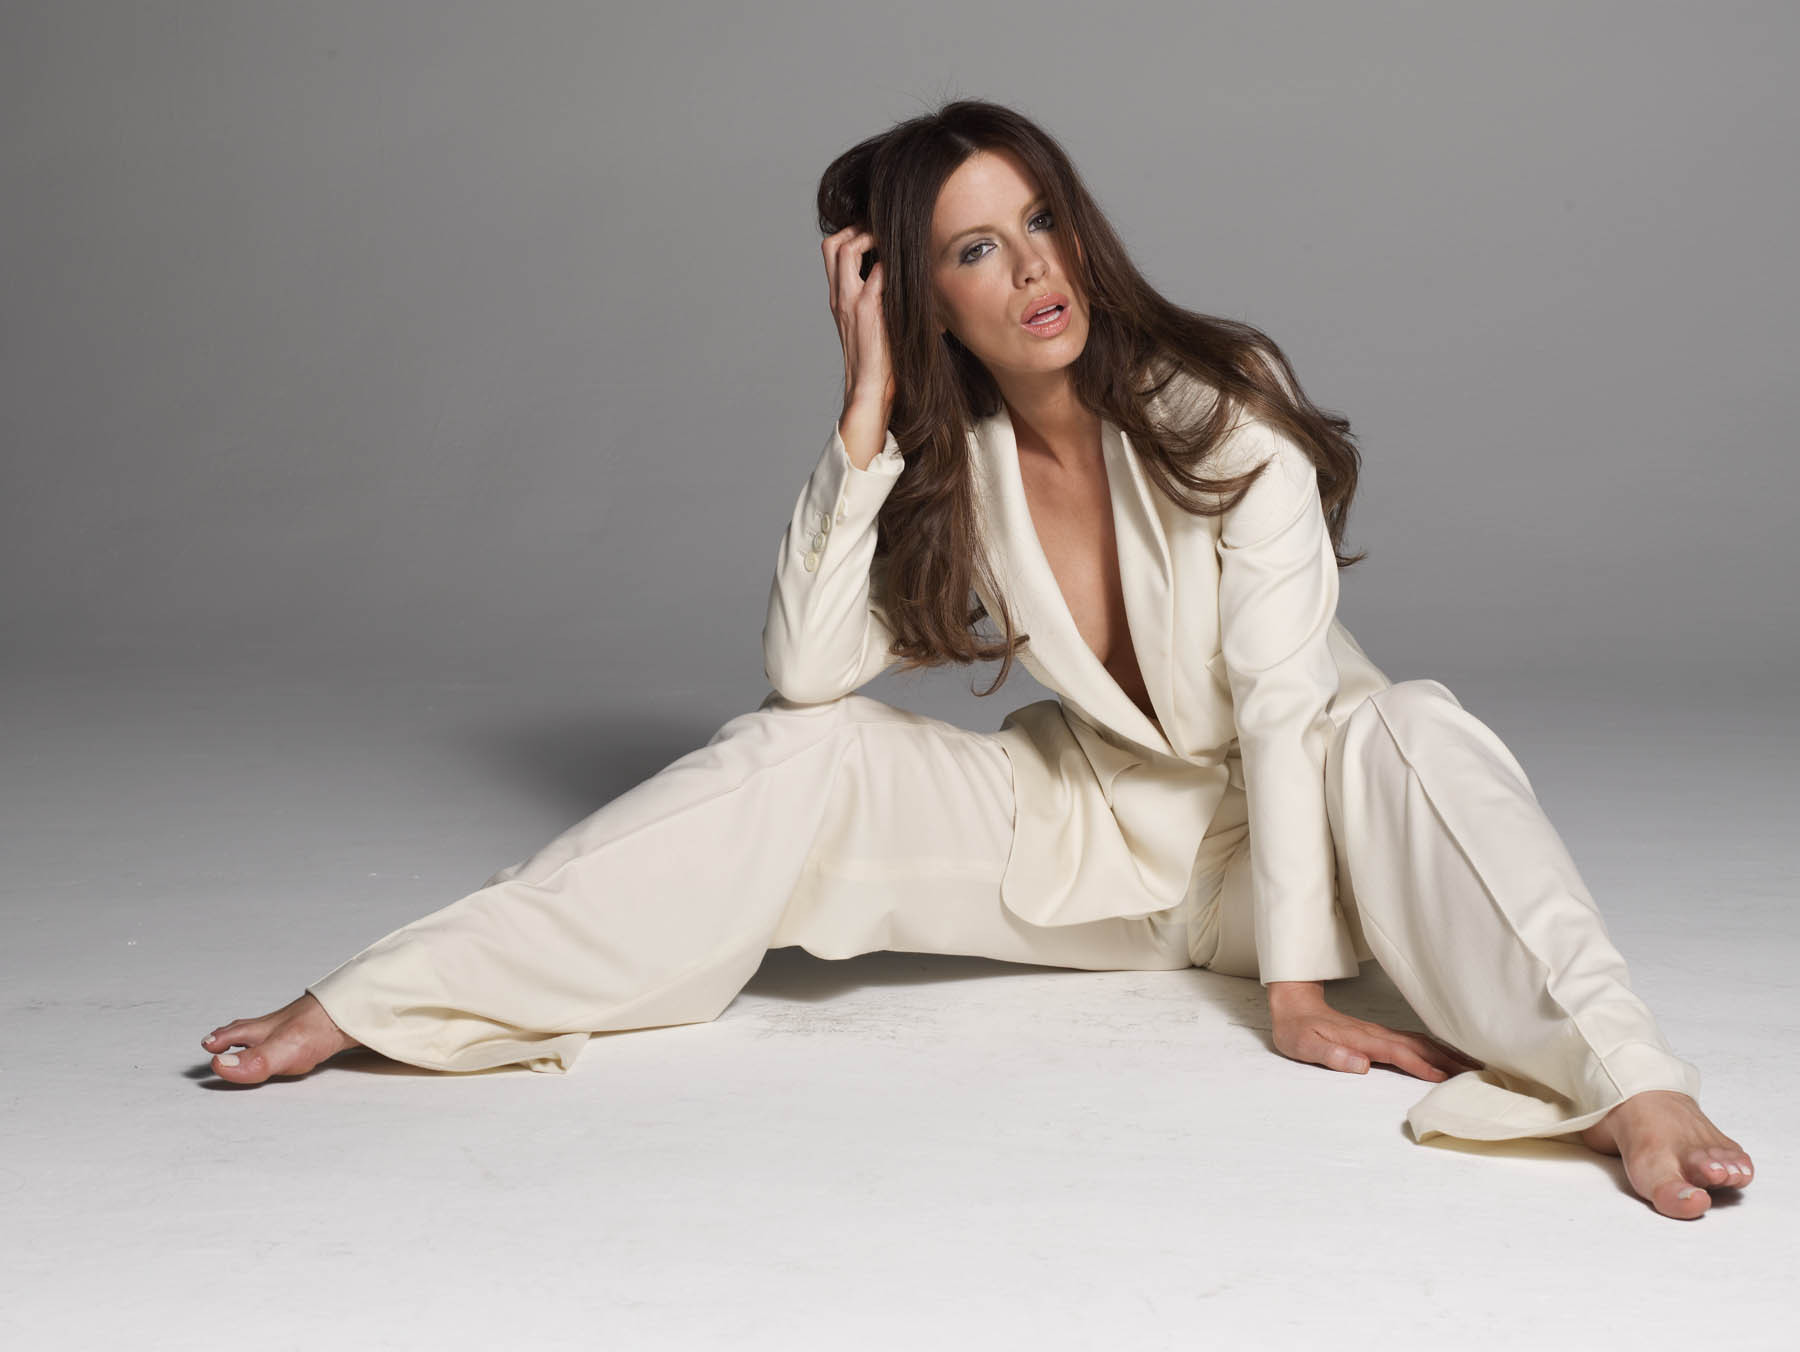 Kate Beckinsale - Галерея 3104018